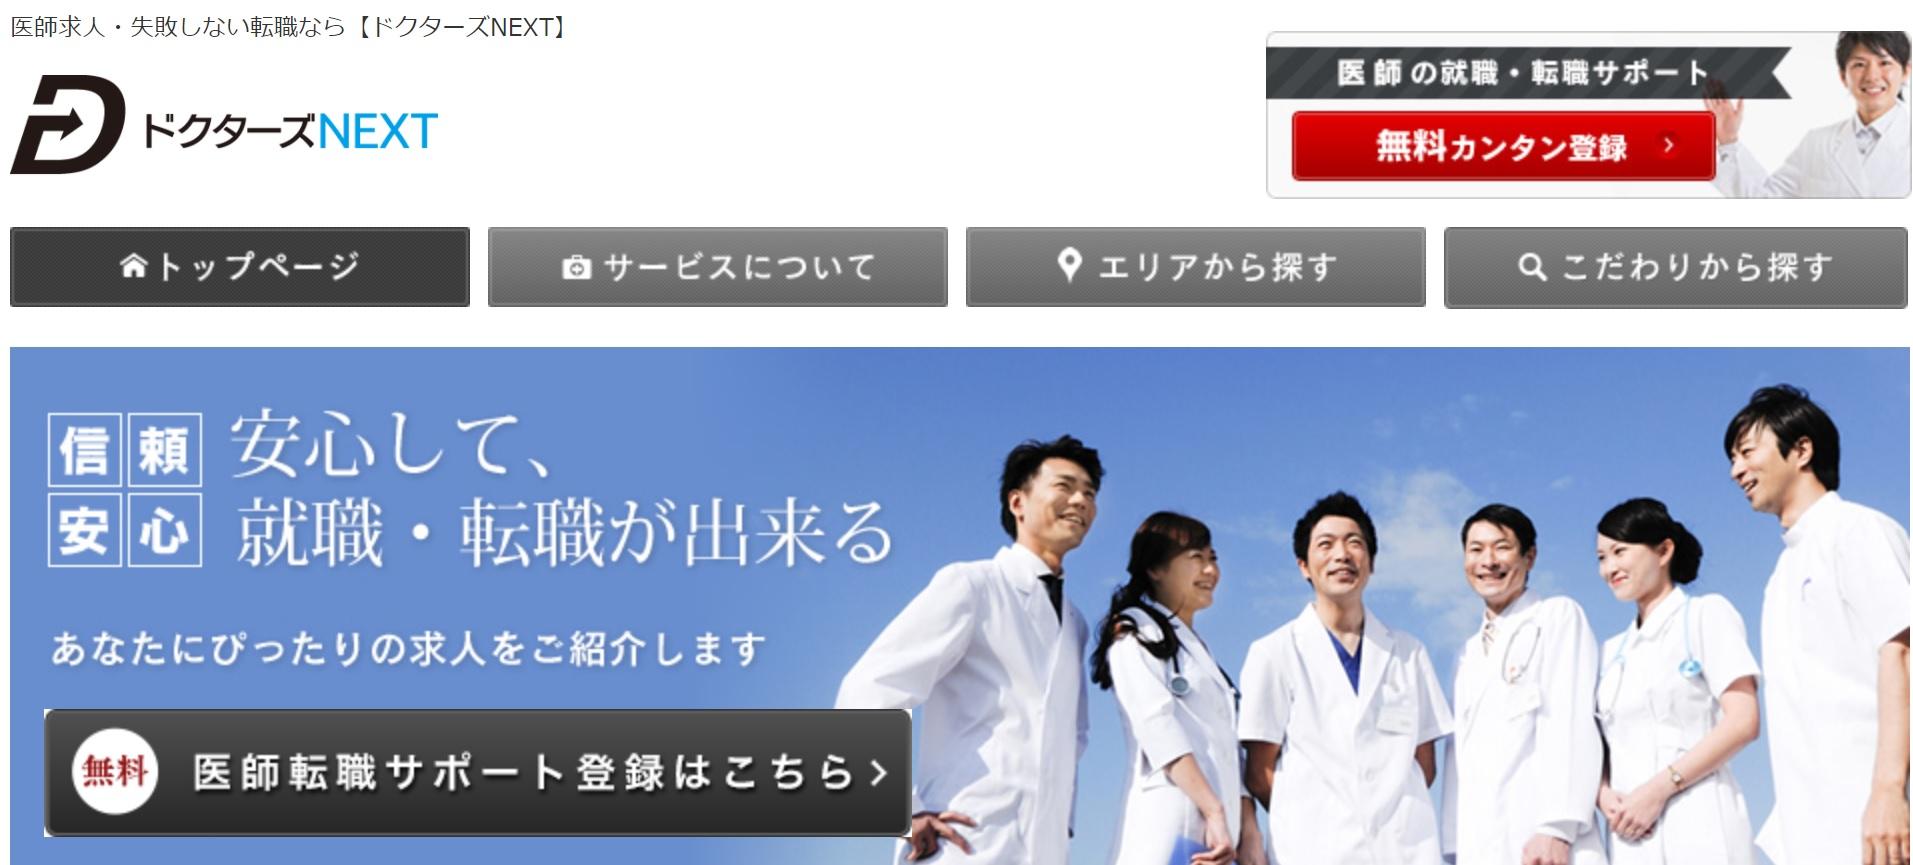 ドクターズNEXTの医師転職と求人